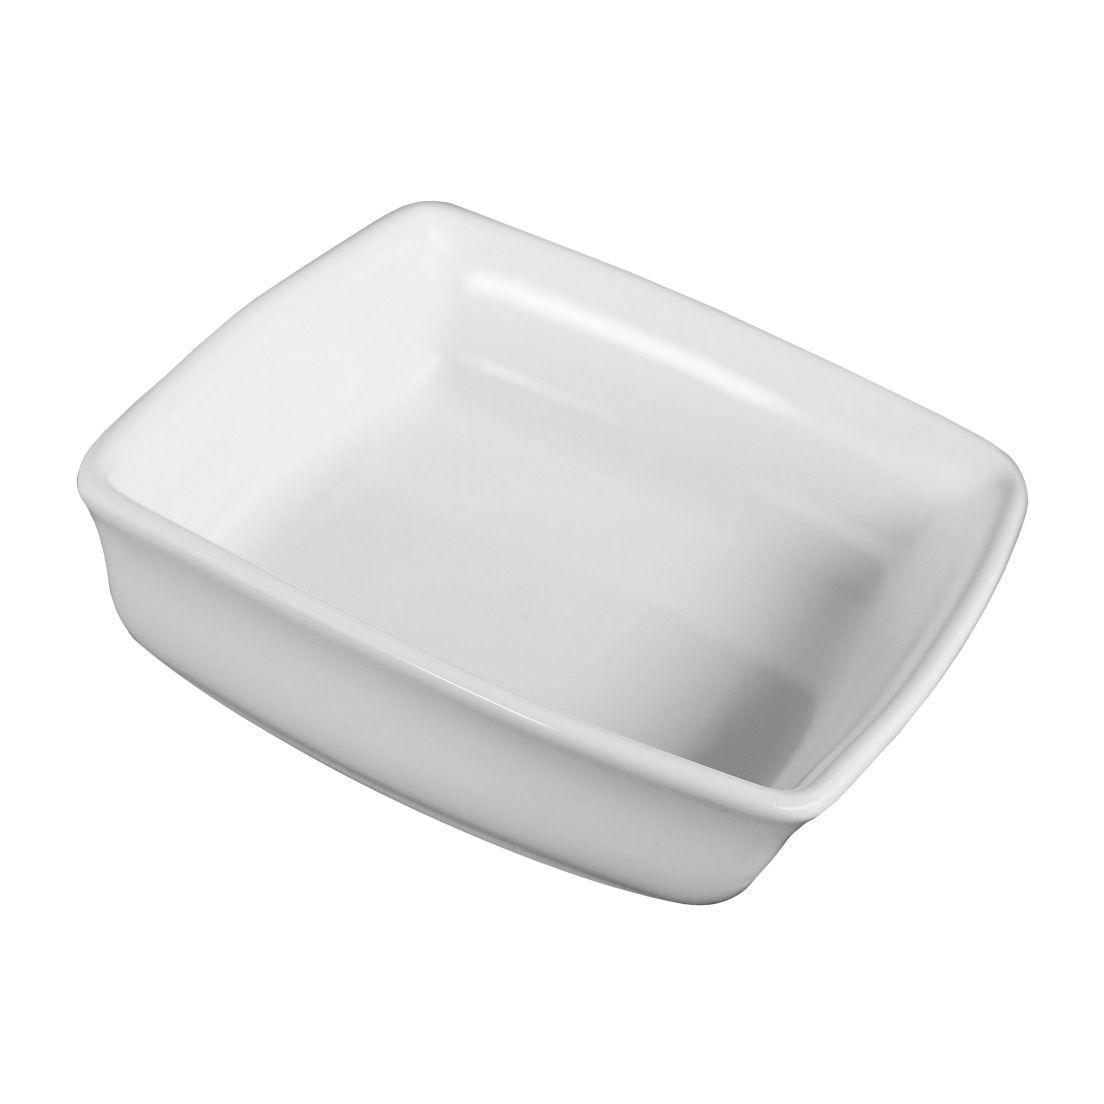 Forma Assadeira para Micro-Ondas, Forno Convencional e Elétrico de Cerâmica Quadrada Branca 17Cm